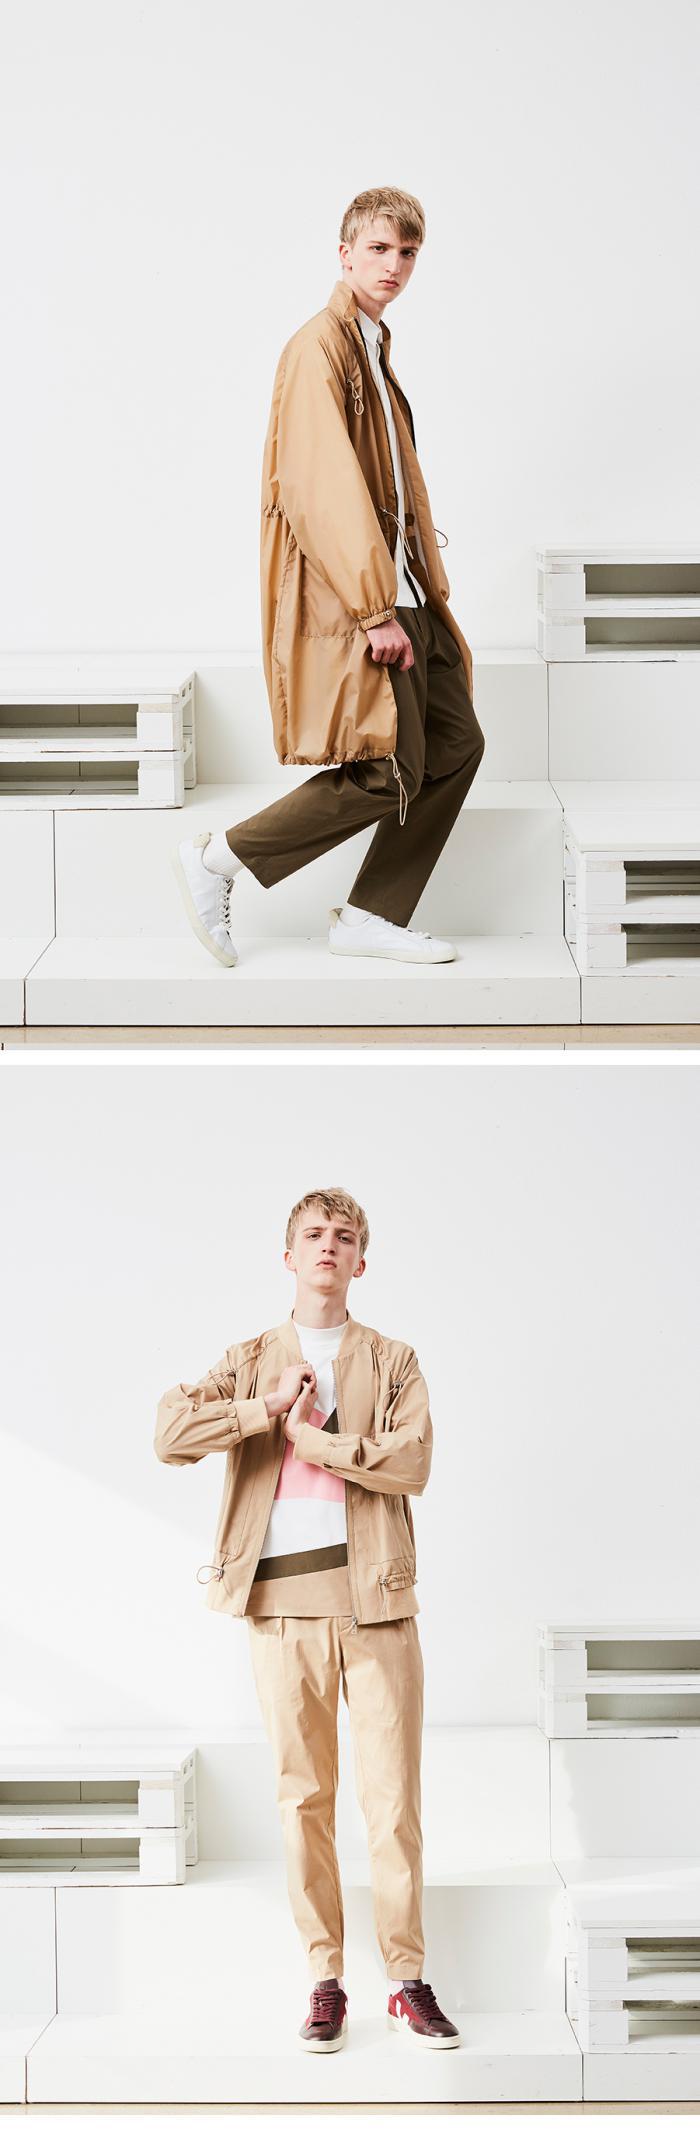 男装设计品牌 DEPOT3 发布2018春季系列Lookbook